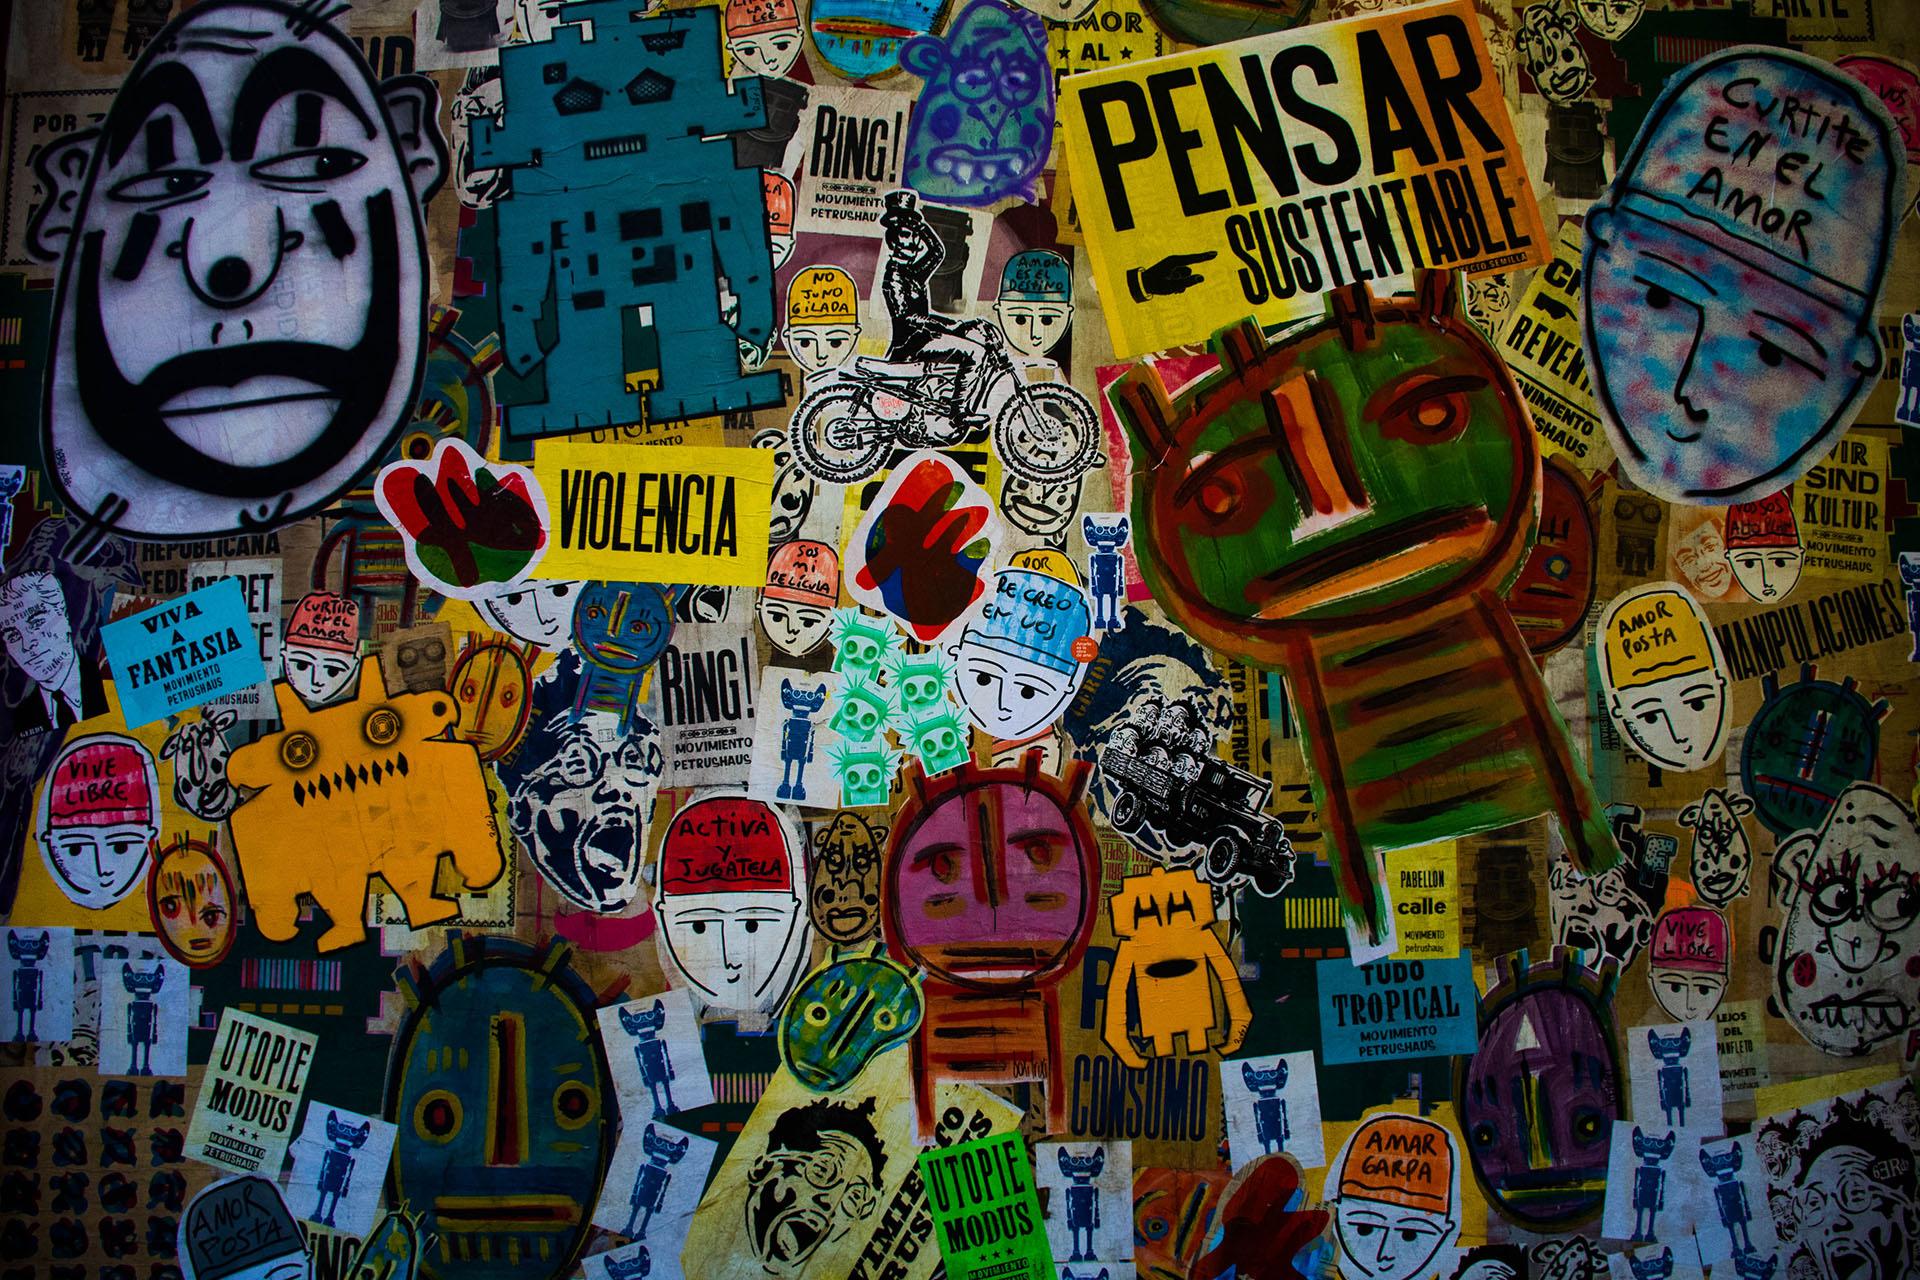 Graffitti, stencil, collage y otro tipo de manifestaciones artísticas le dan una identidad vibrante a Palermo